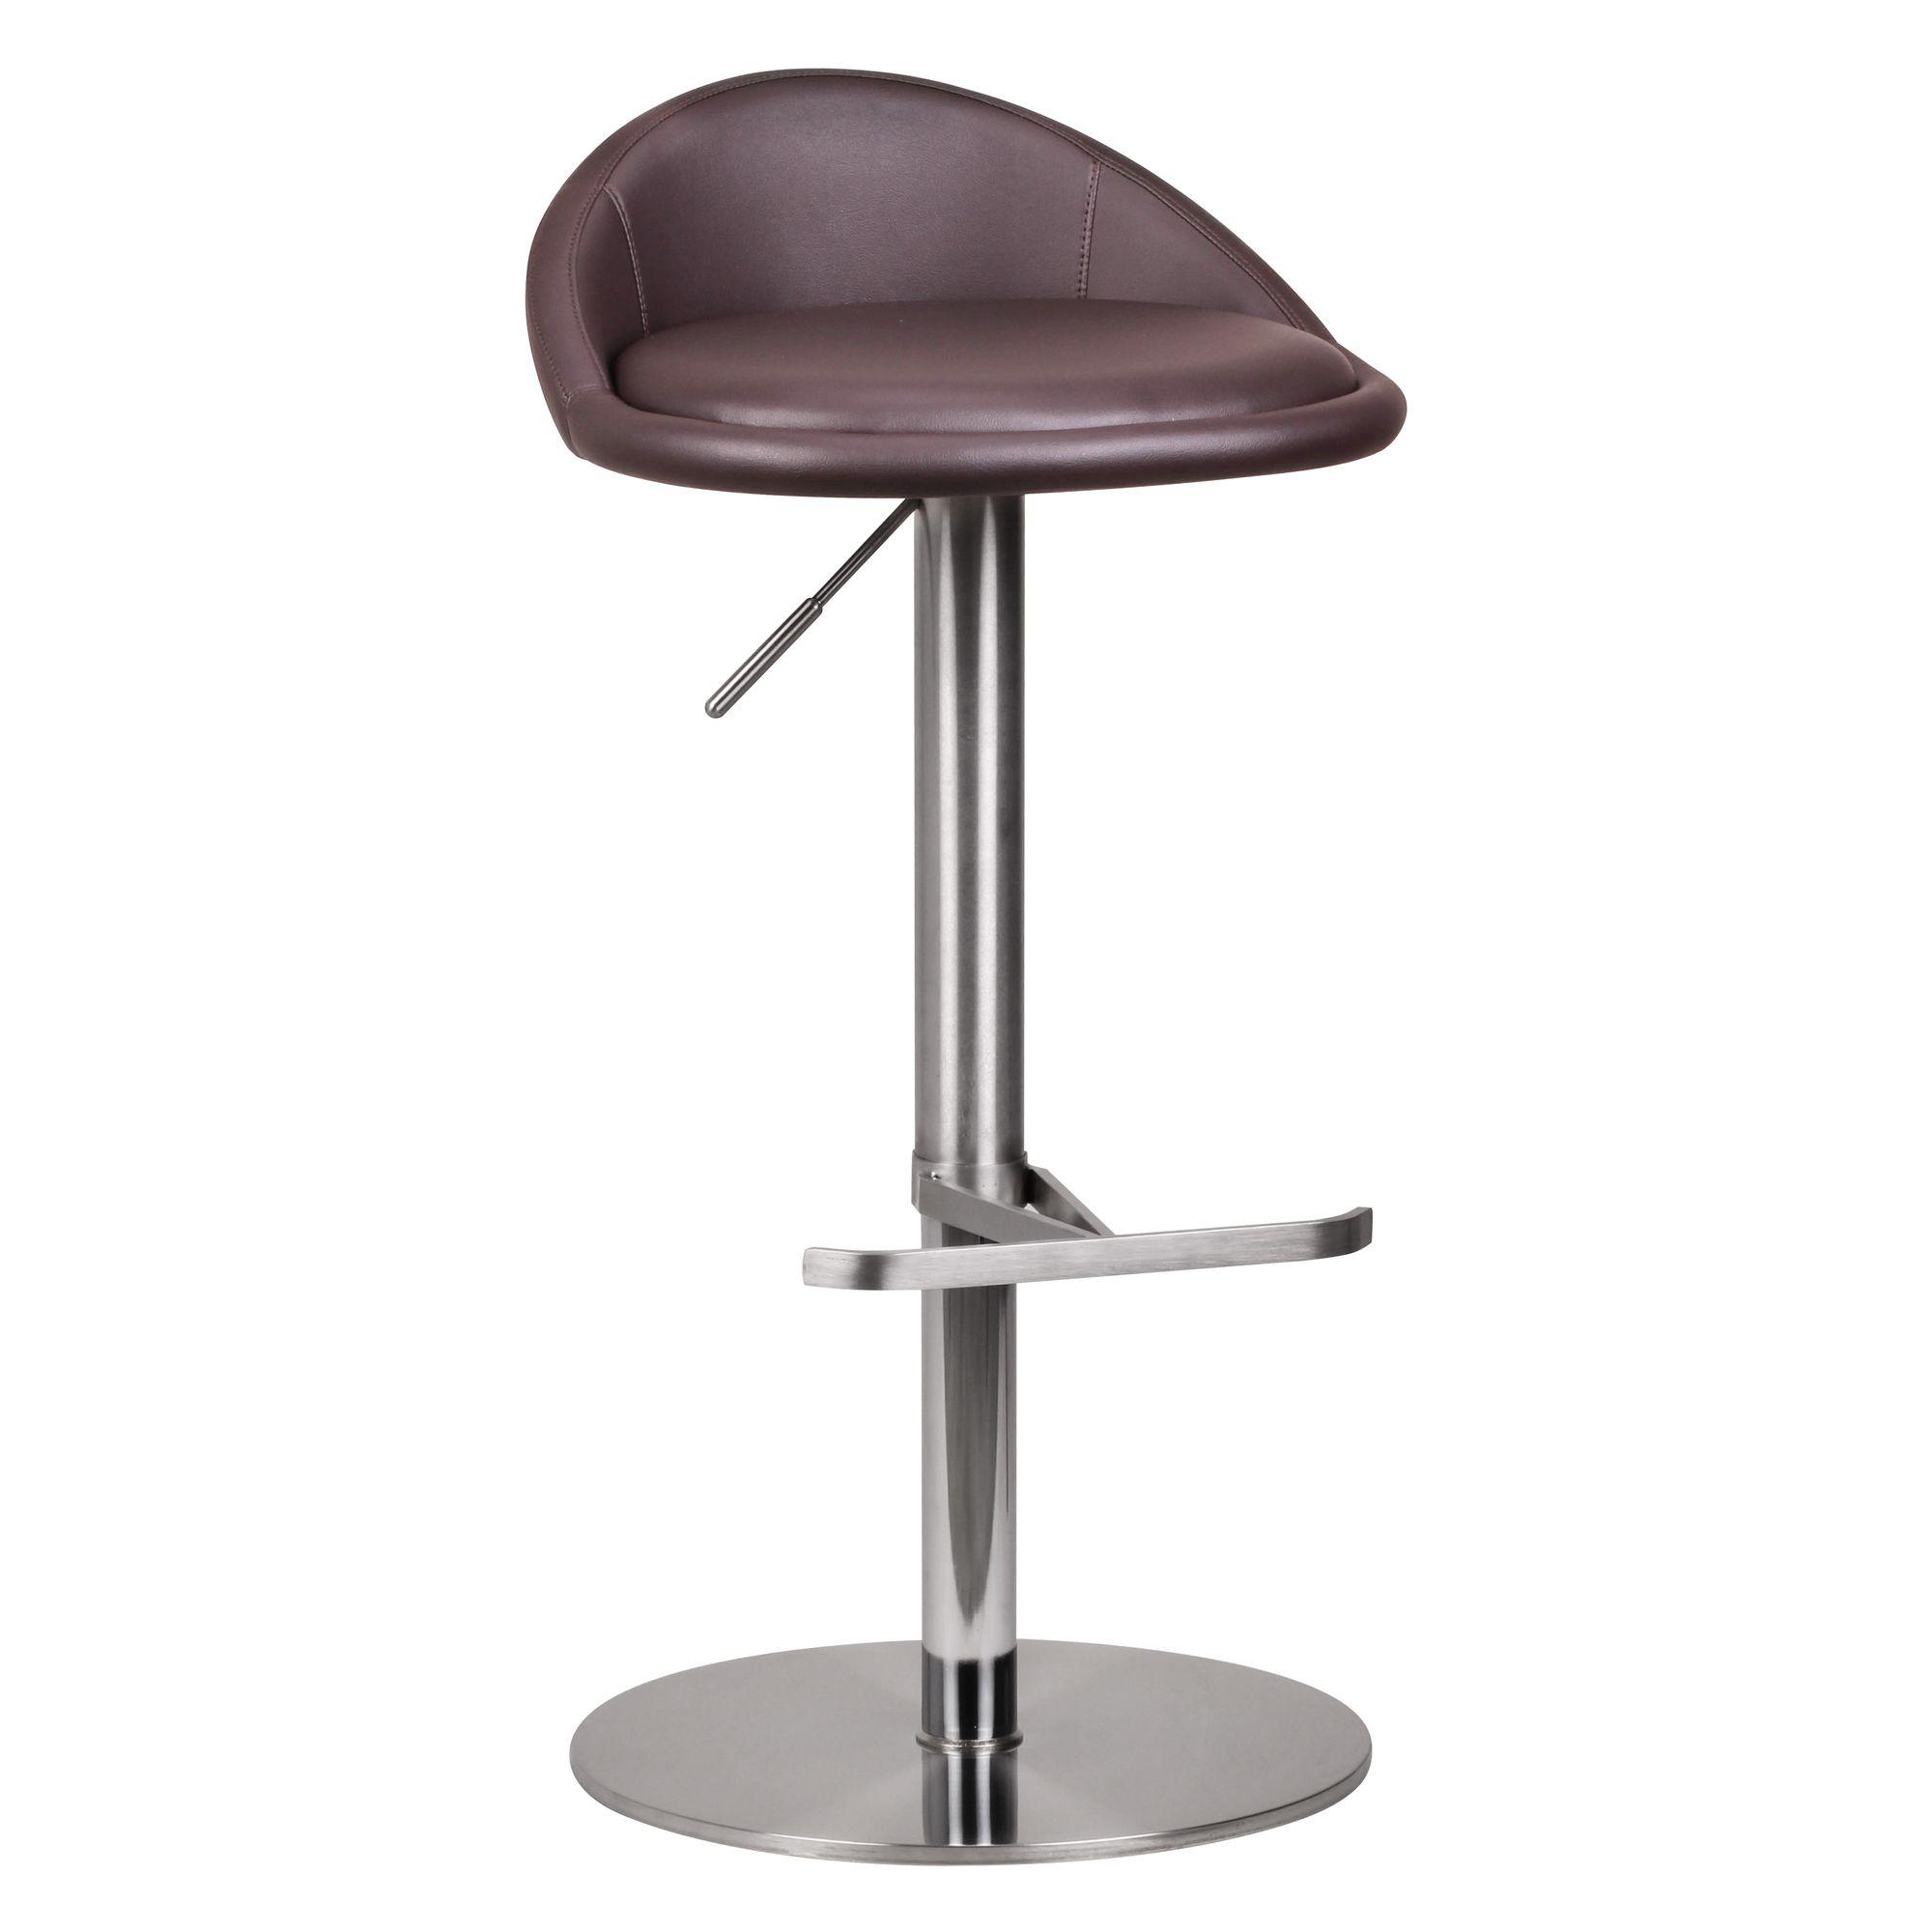 FineBuy Barhocker Edelstahl höhenverstellbare Sitzhöhe 54-79 cm | Design  Barstuhl mit Rückenlehne | Bistrohocker Barsitz Gepolstert | Thekenhocker  ...